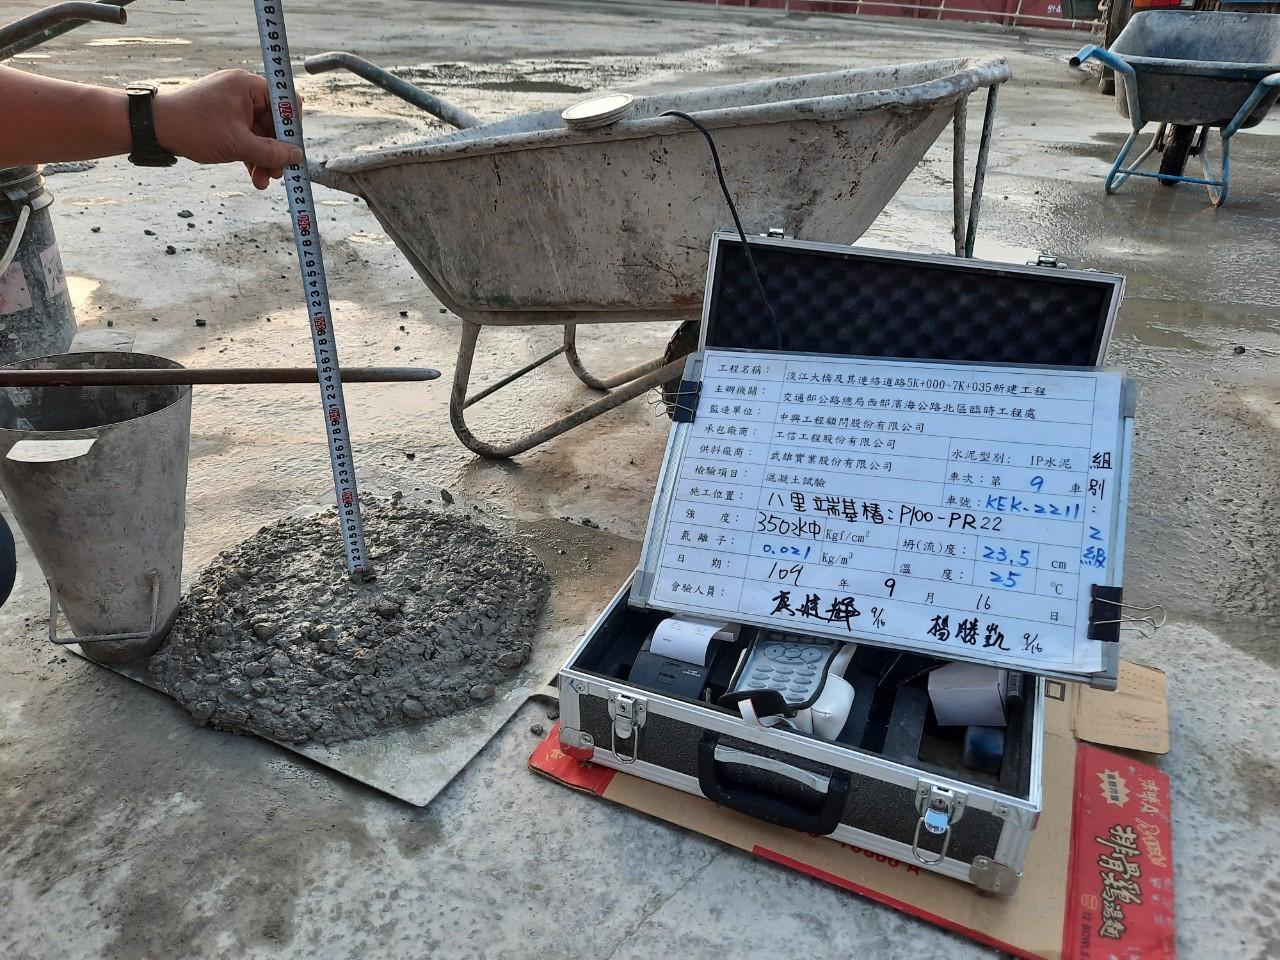 八里端樁混凝土澆置前一般試驗